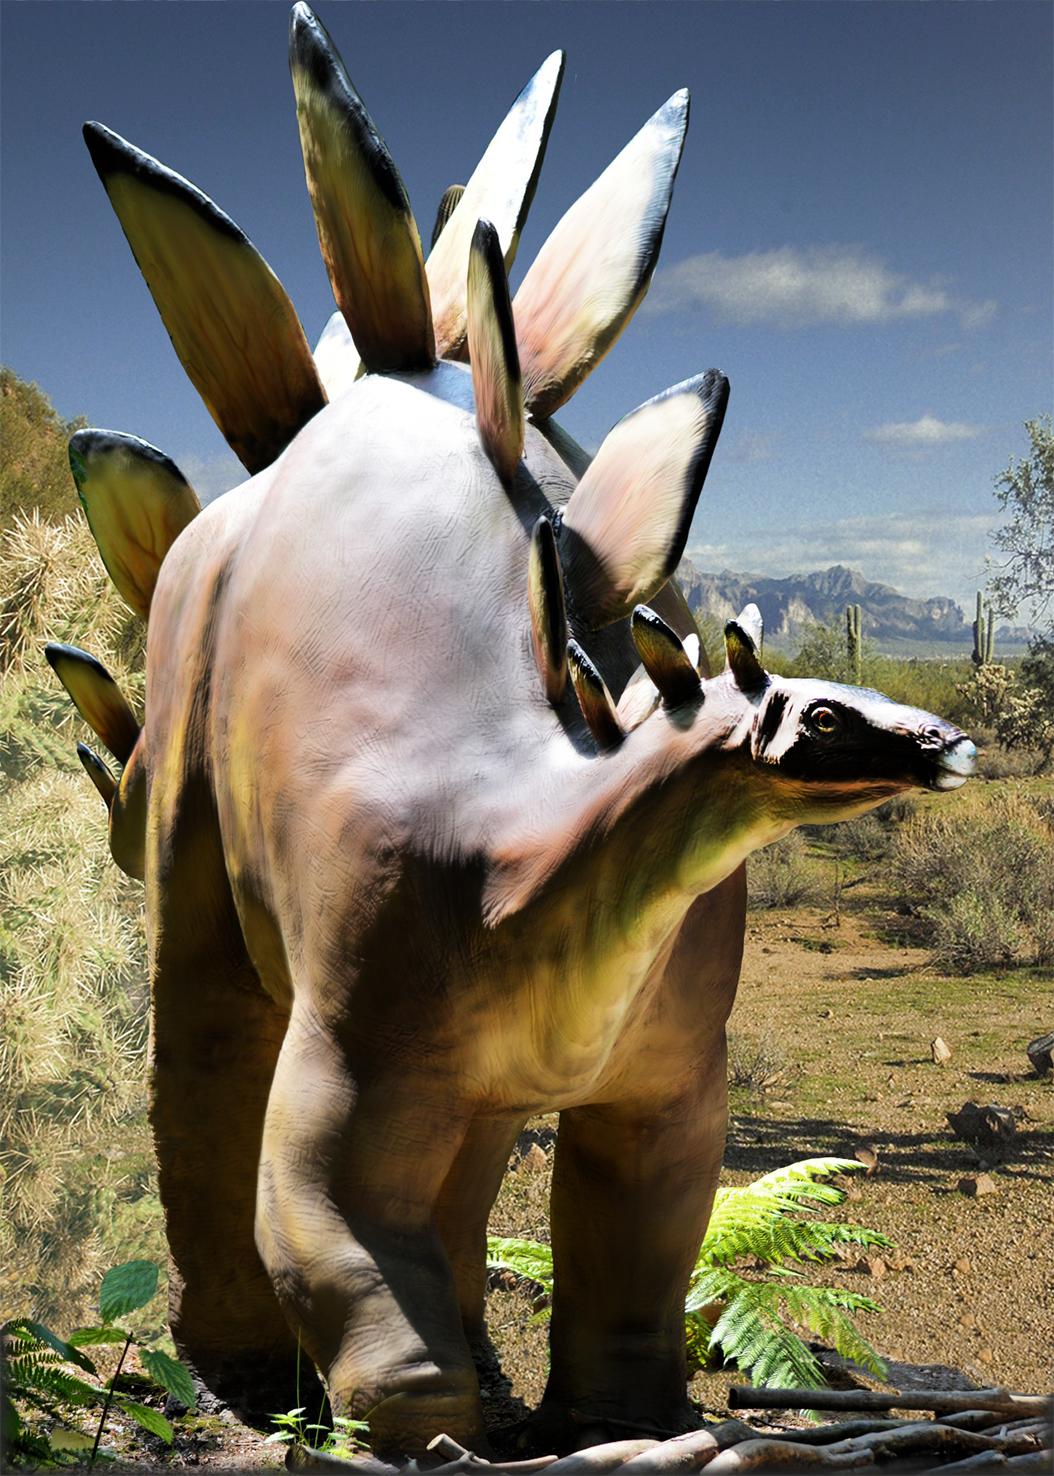 picture of stegosaurus dinosaur